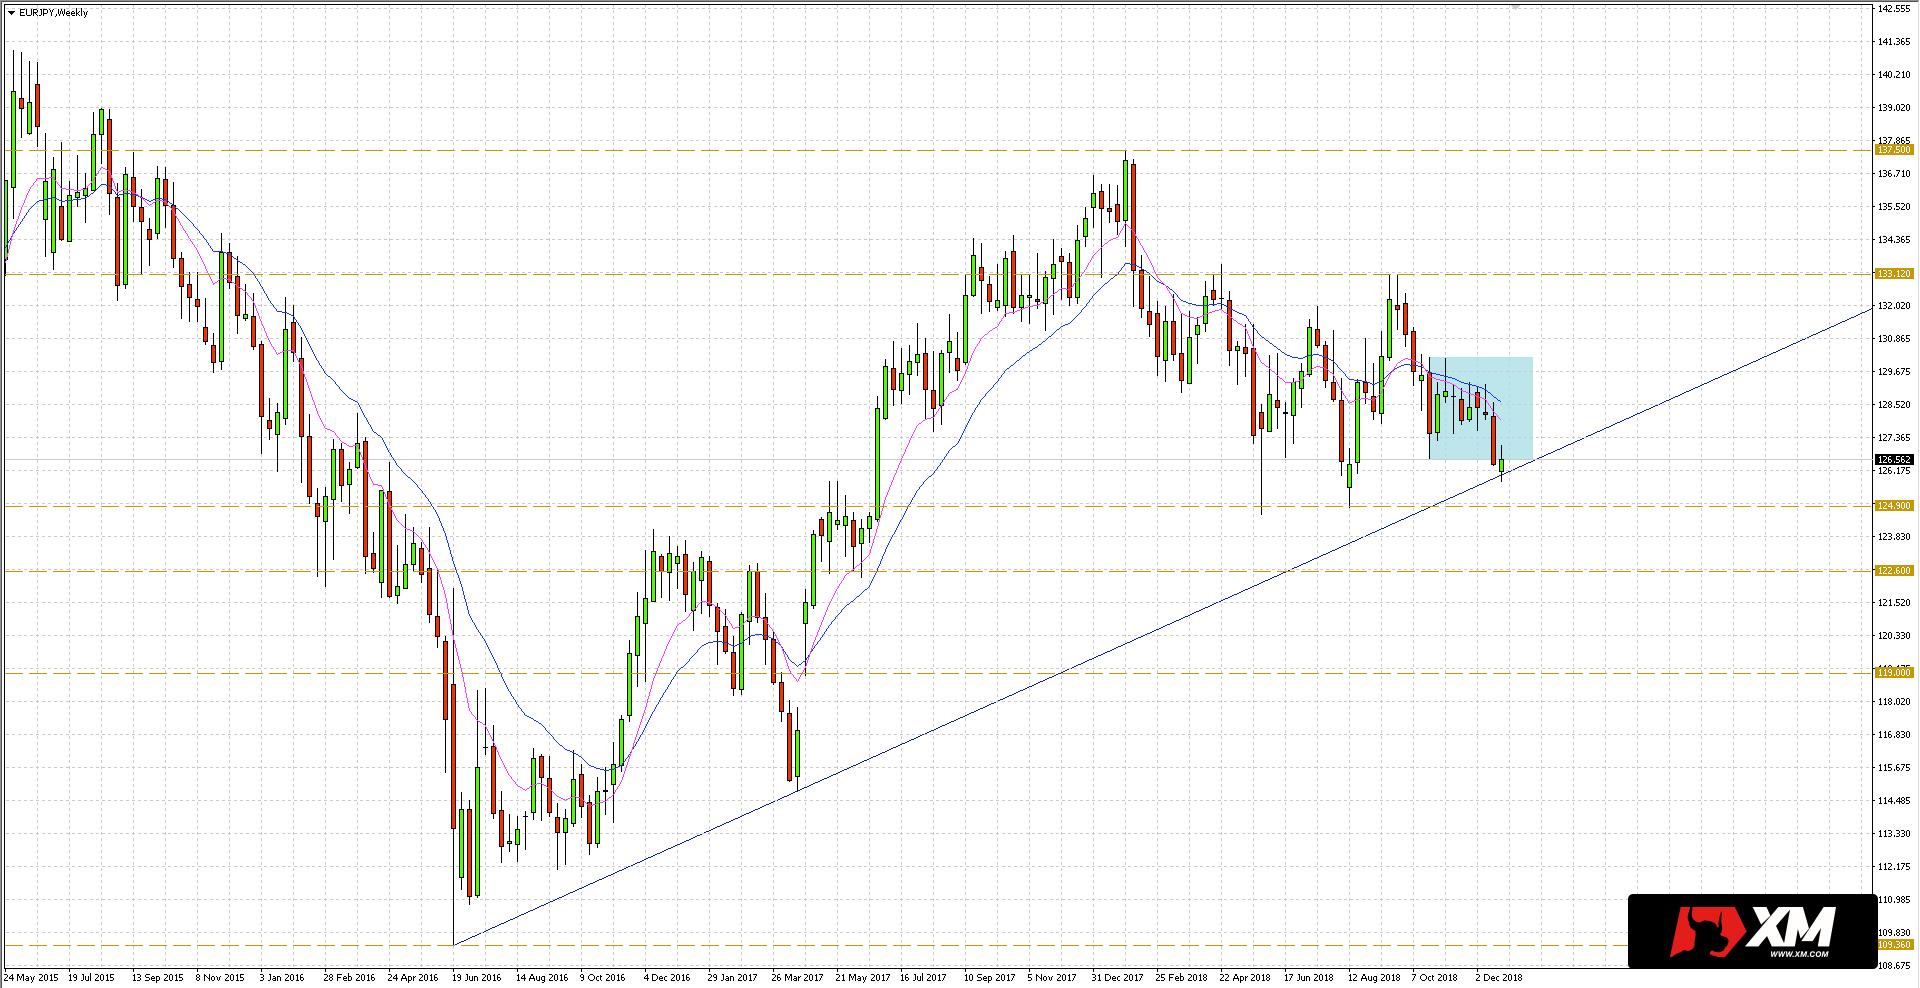 EUR/JPY - cena znalazła wsparcie na linii trendu biegnącej od dołka z czerwca 2016 roku